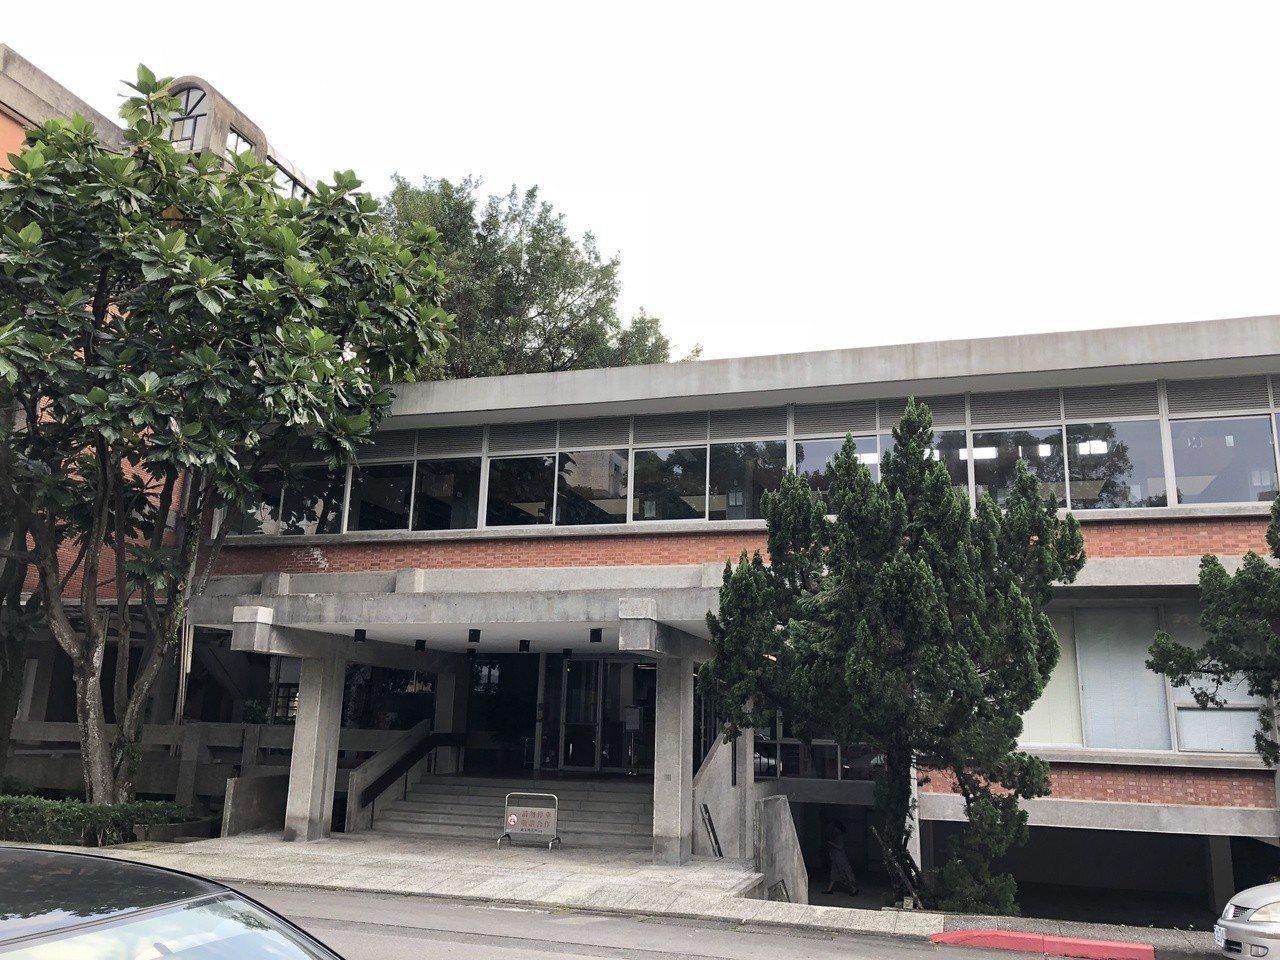 中研院歐美所圖書館觀賞重點,二樓現代主義式的水平窗帶。記者何定照/攝影